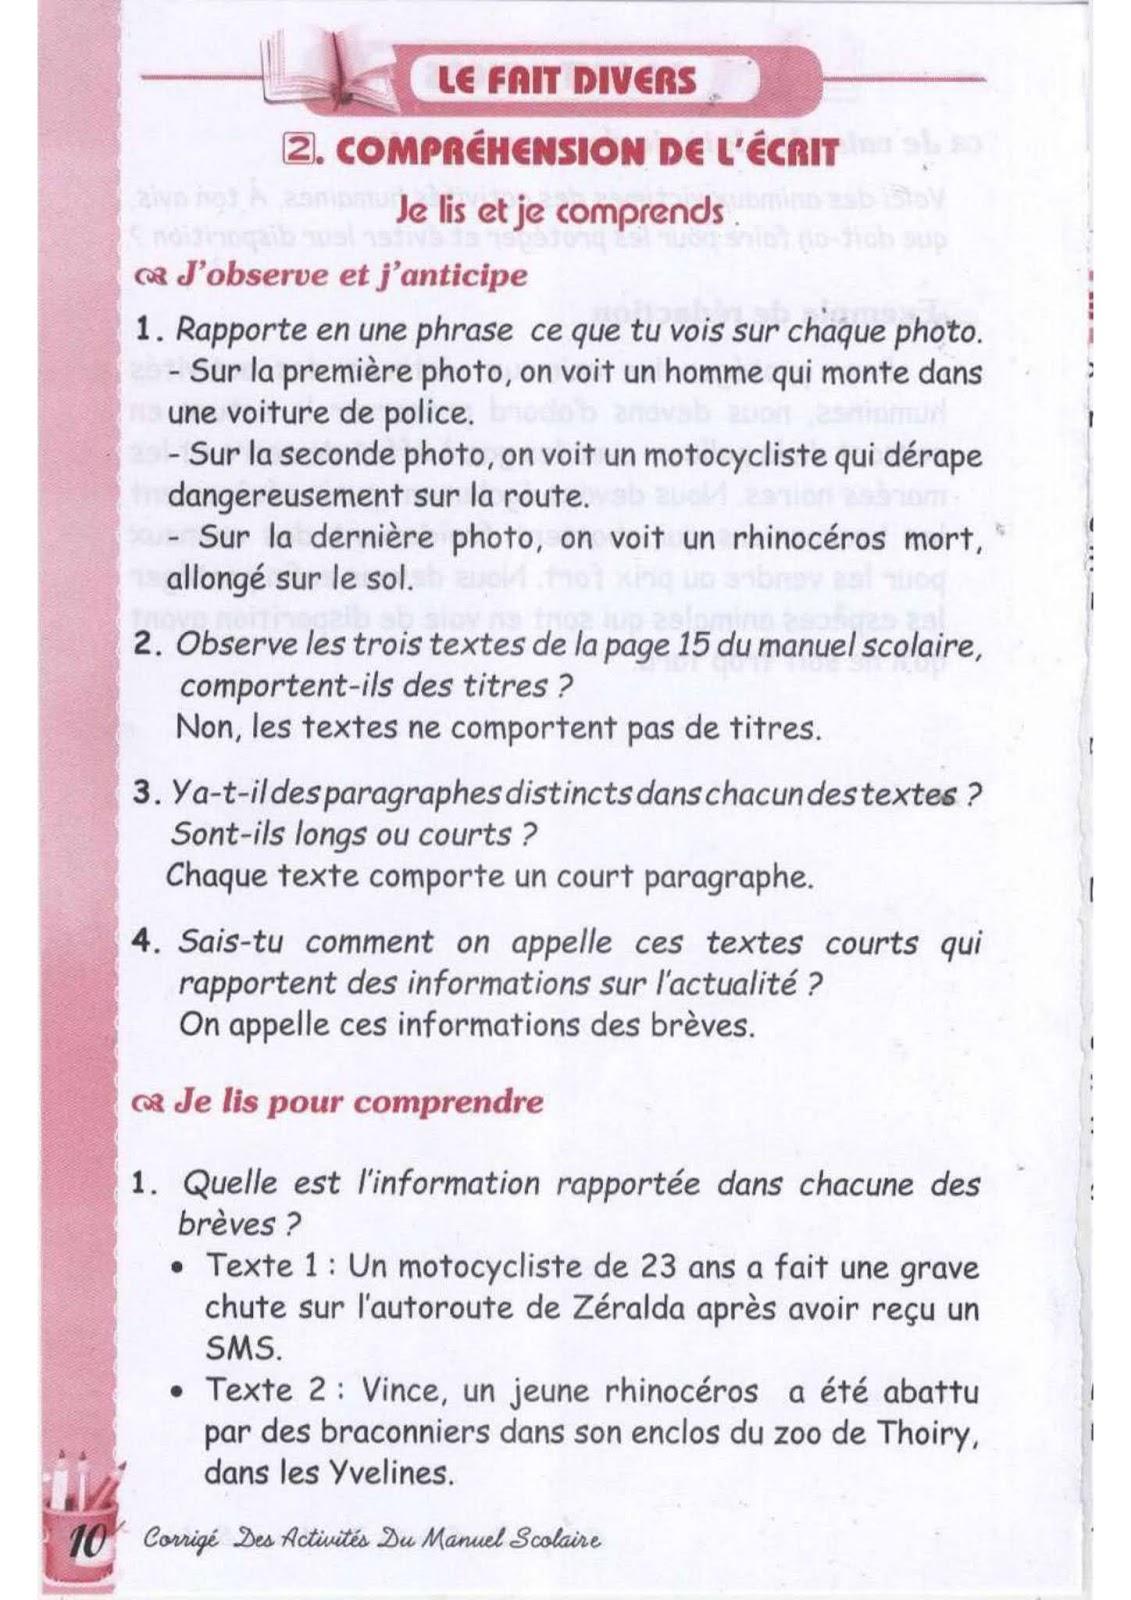 حل تمارين صفحة 15 الفرنسية للسنة الثالثة متوسط - الجيل الثاني   موقع  التعليم الجزائري - Dzetude